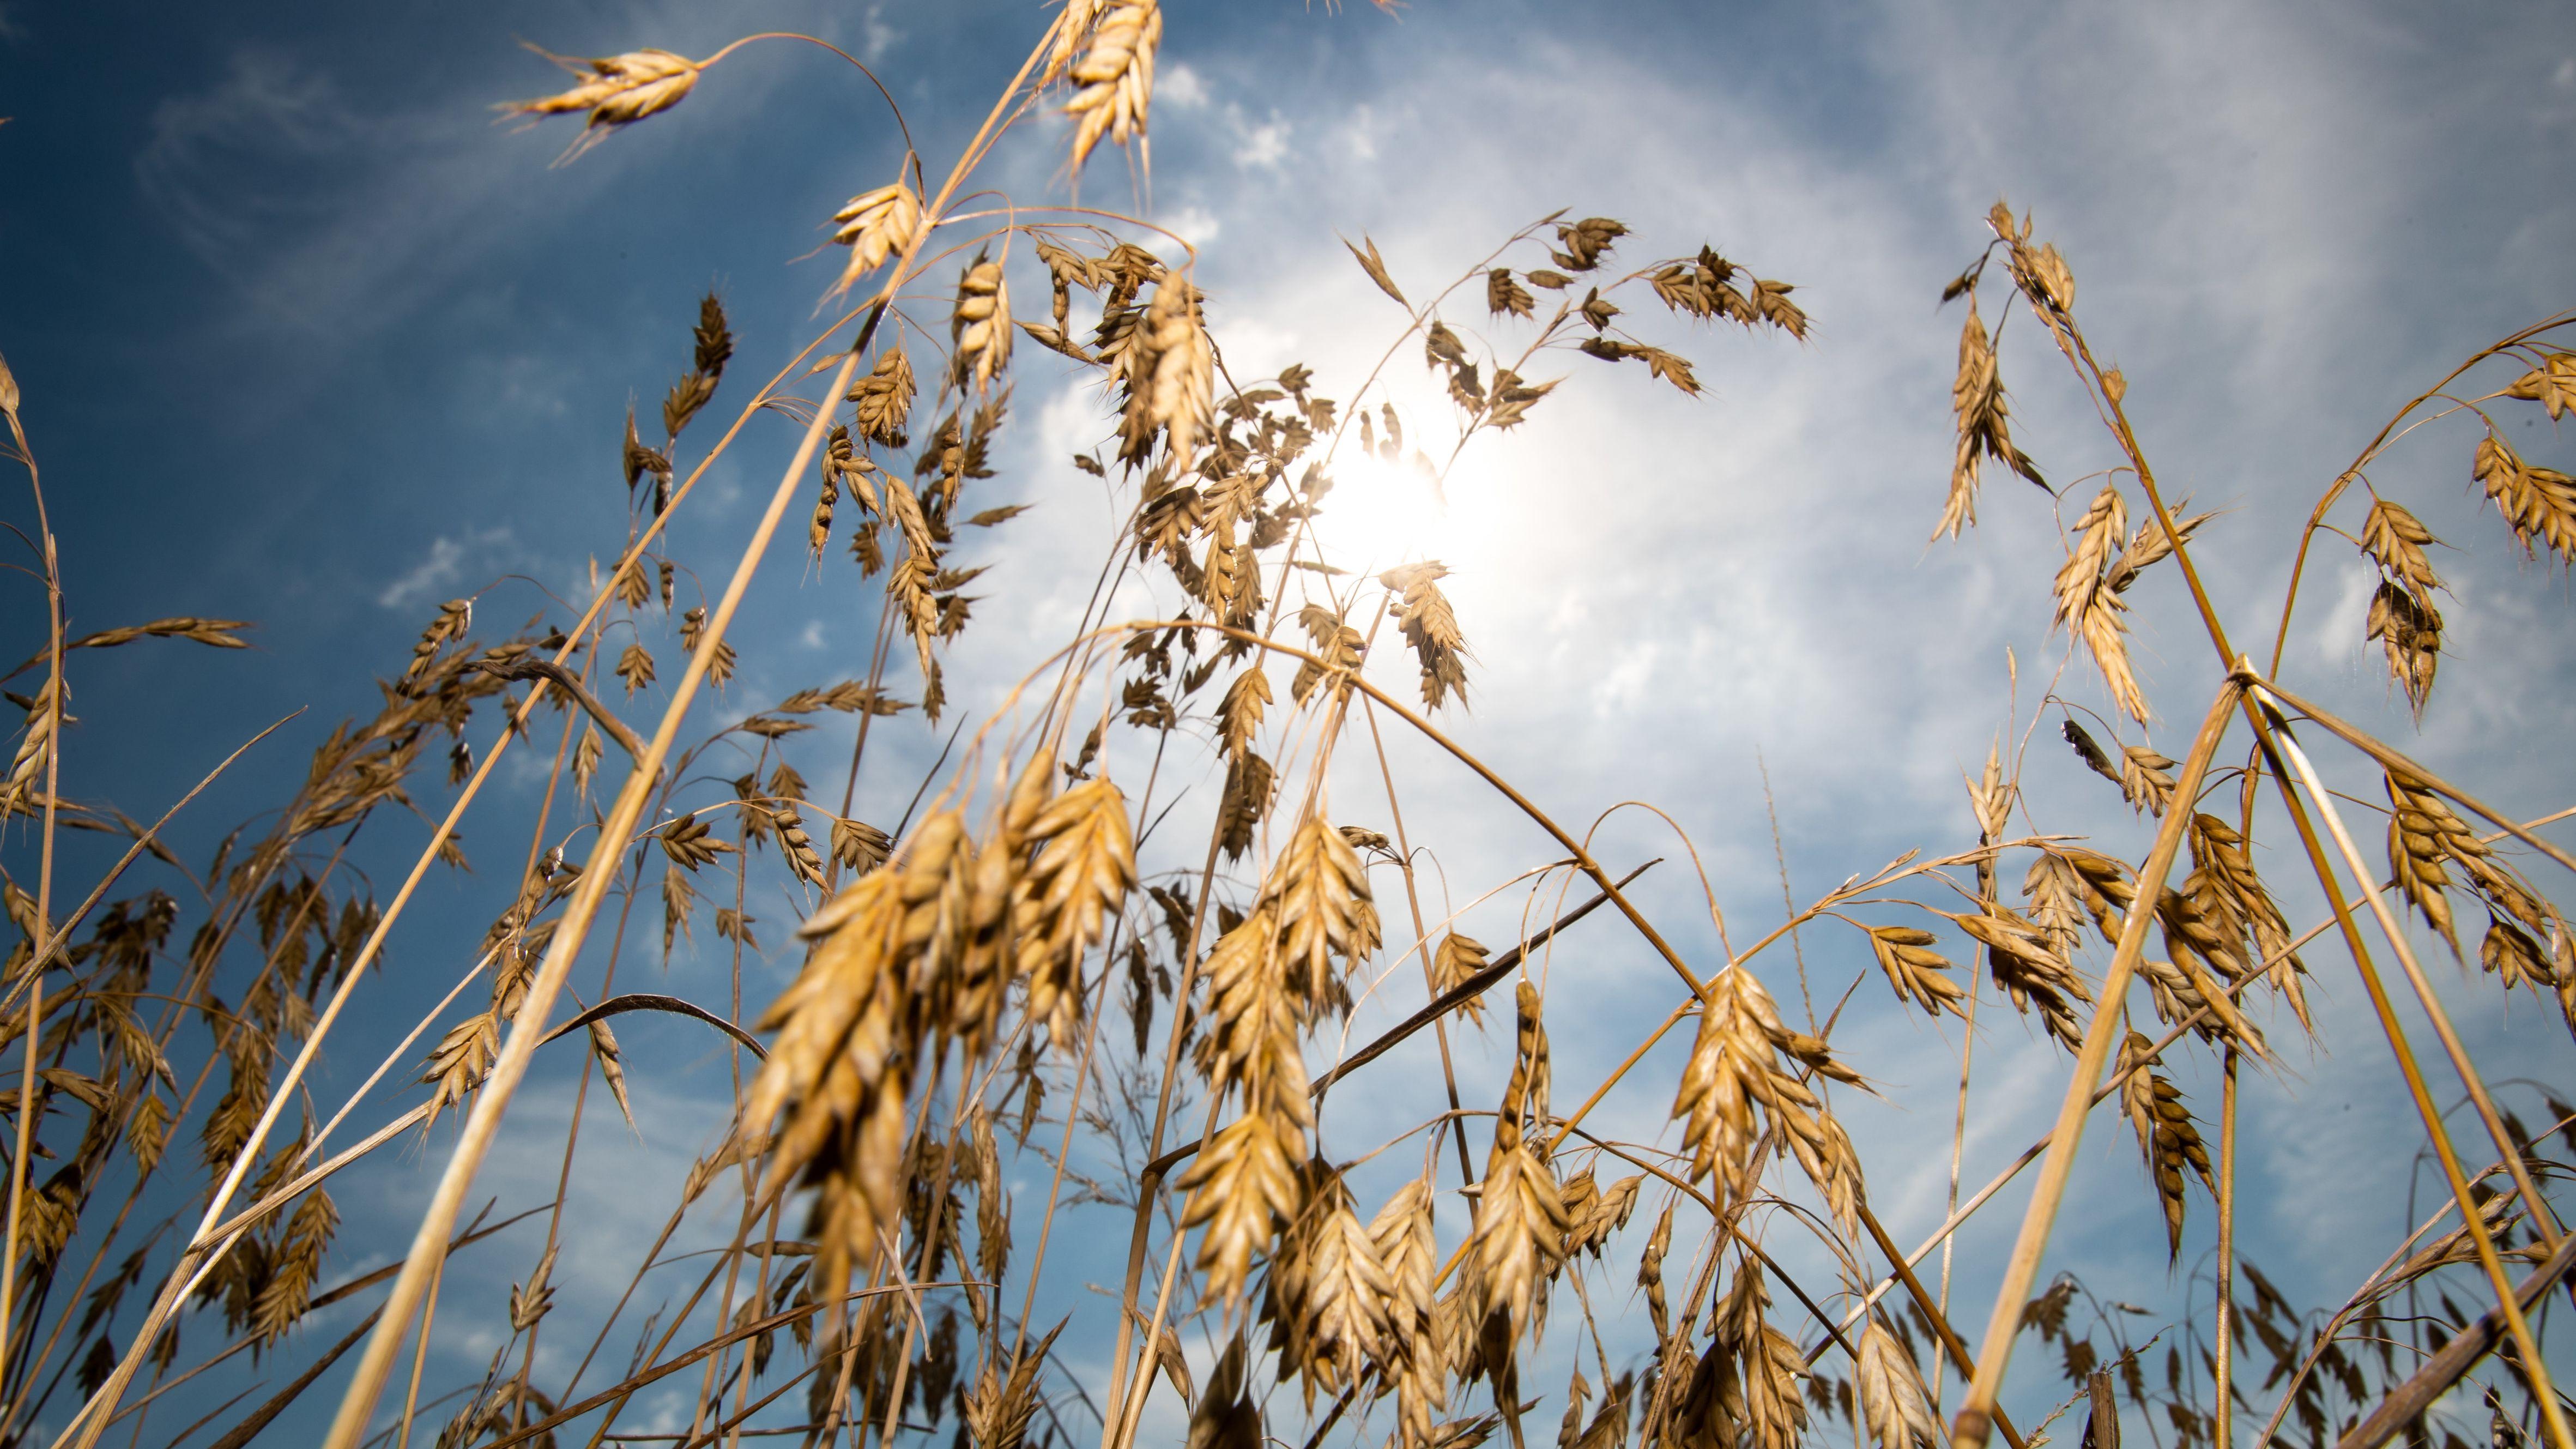 Sommerweizen vor der Kulisse der Sonne